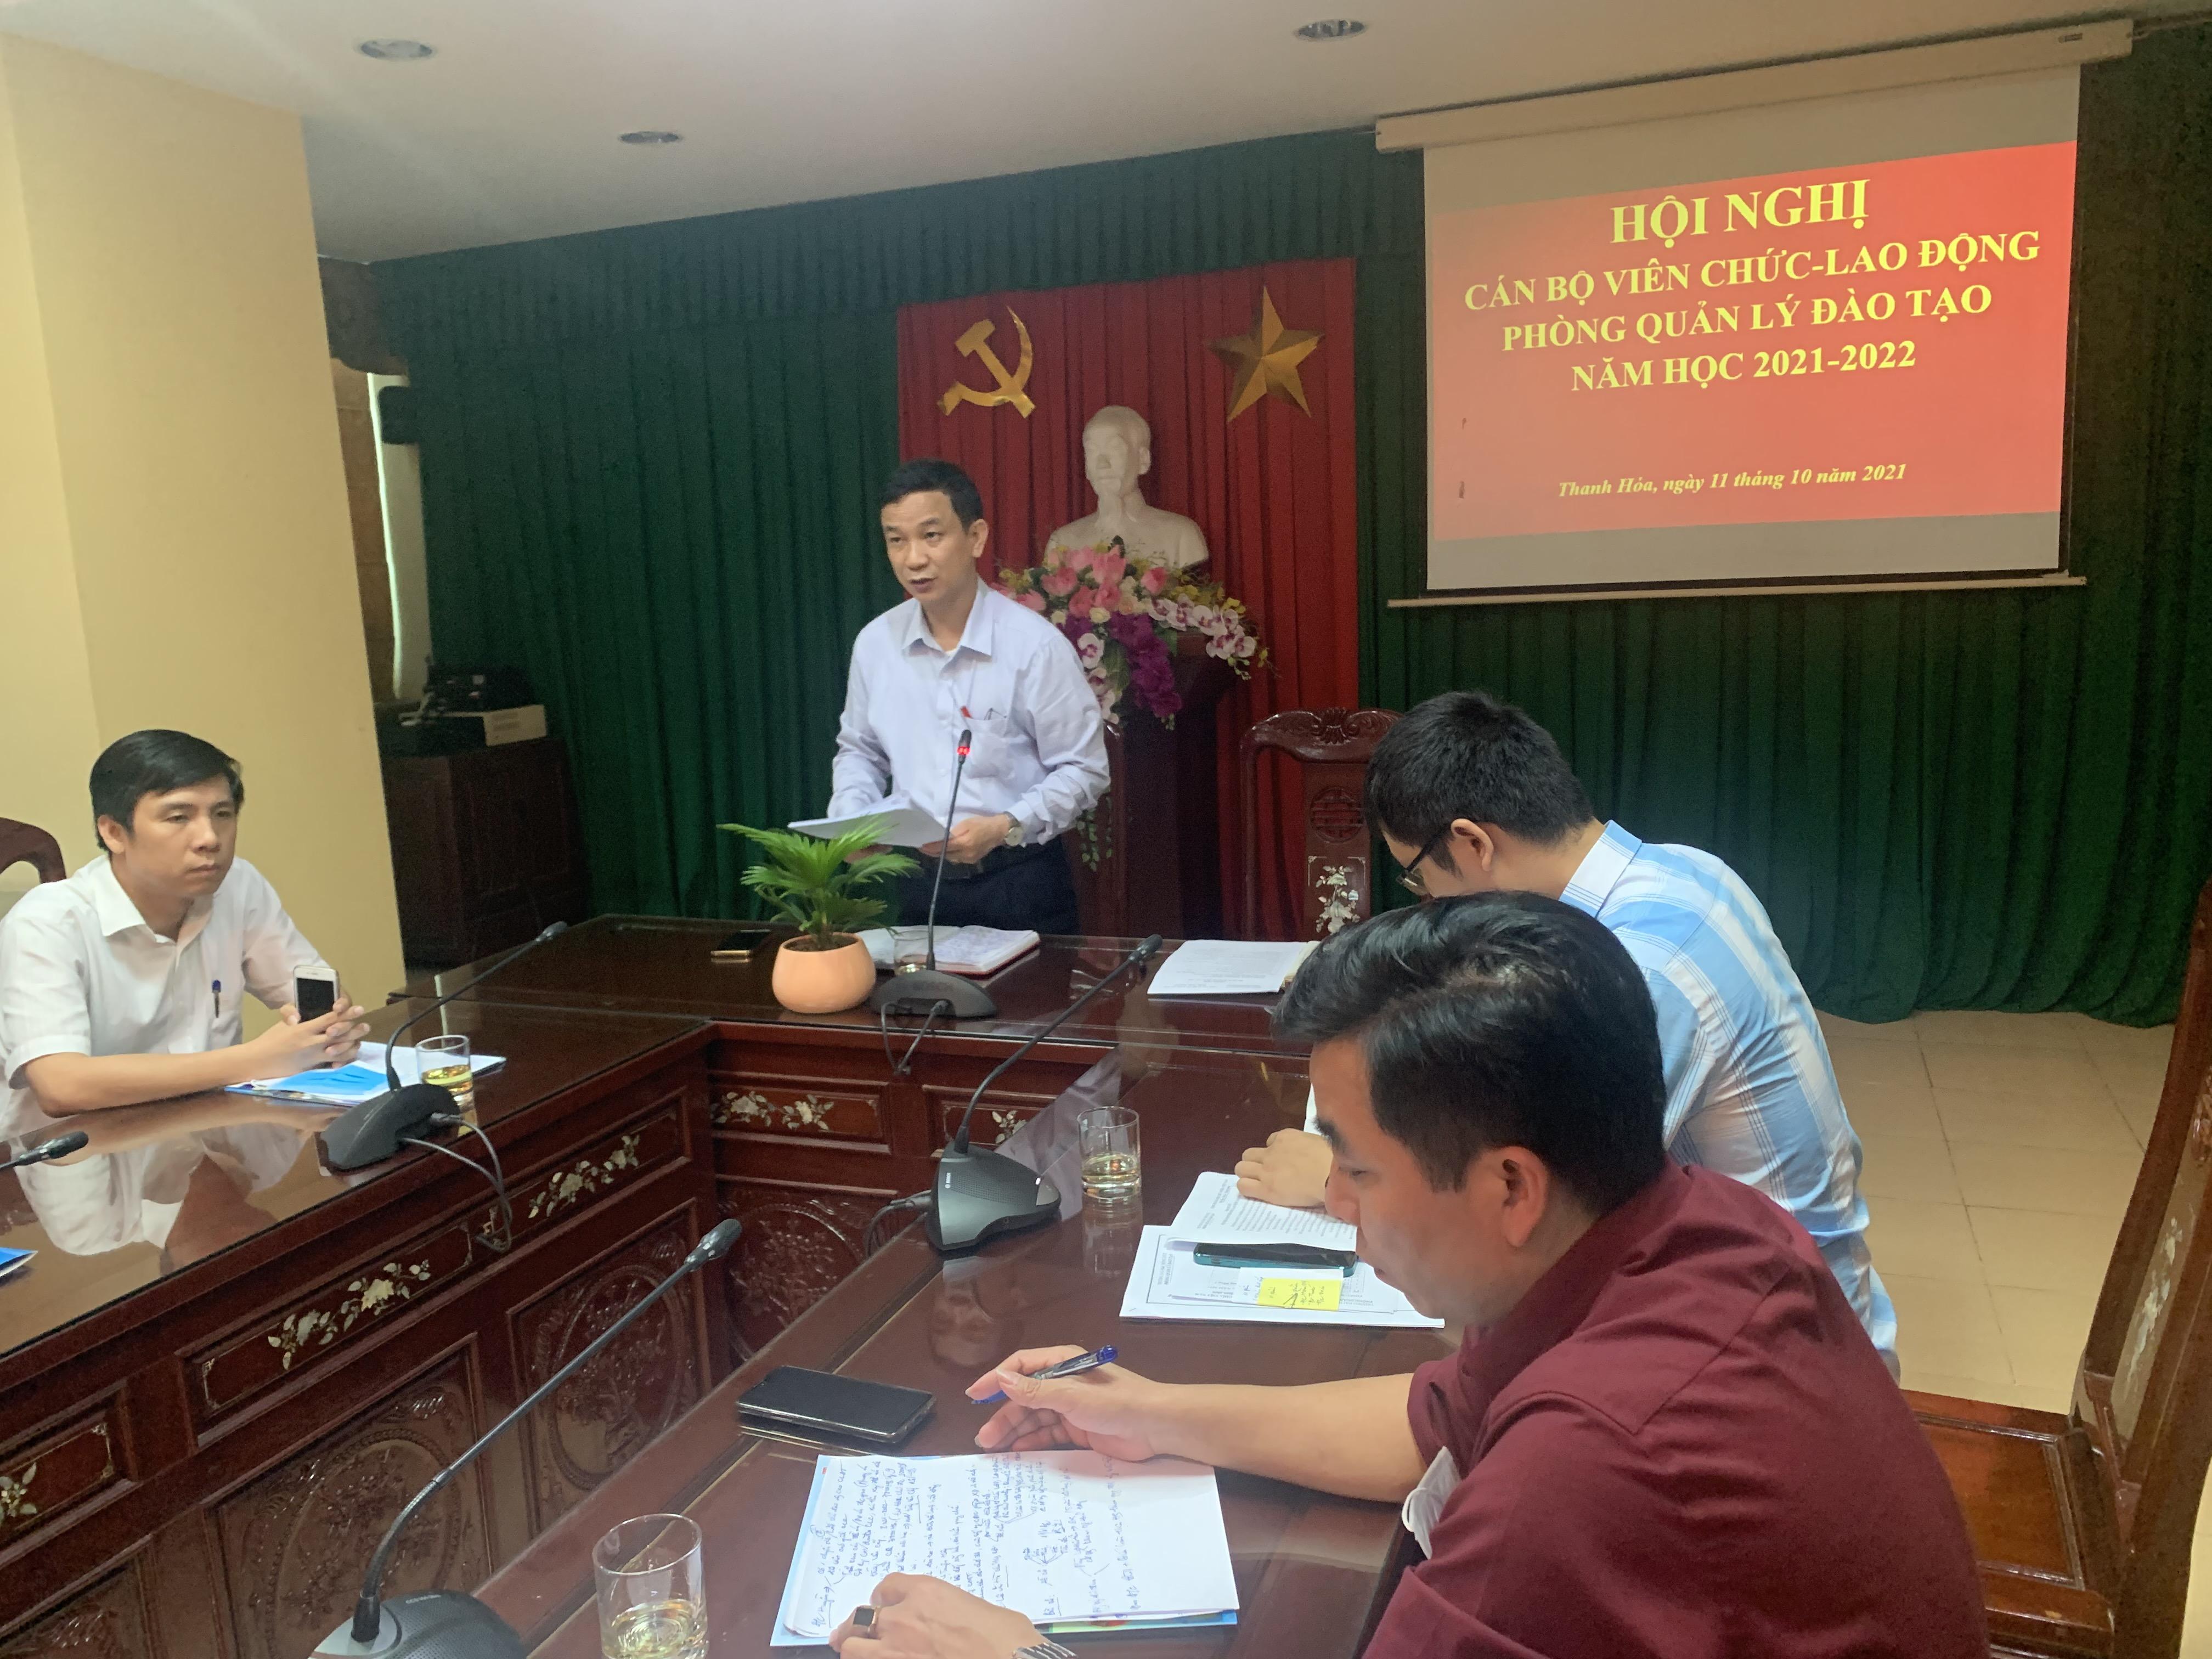 Hội nghị CBVC-LĐ phòng QLĐT năm học 2021-2022